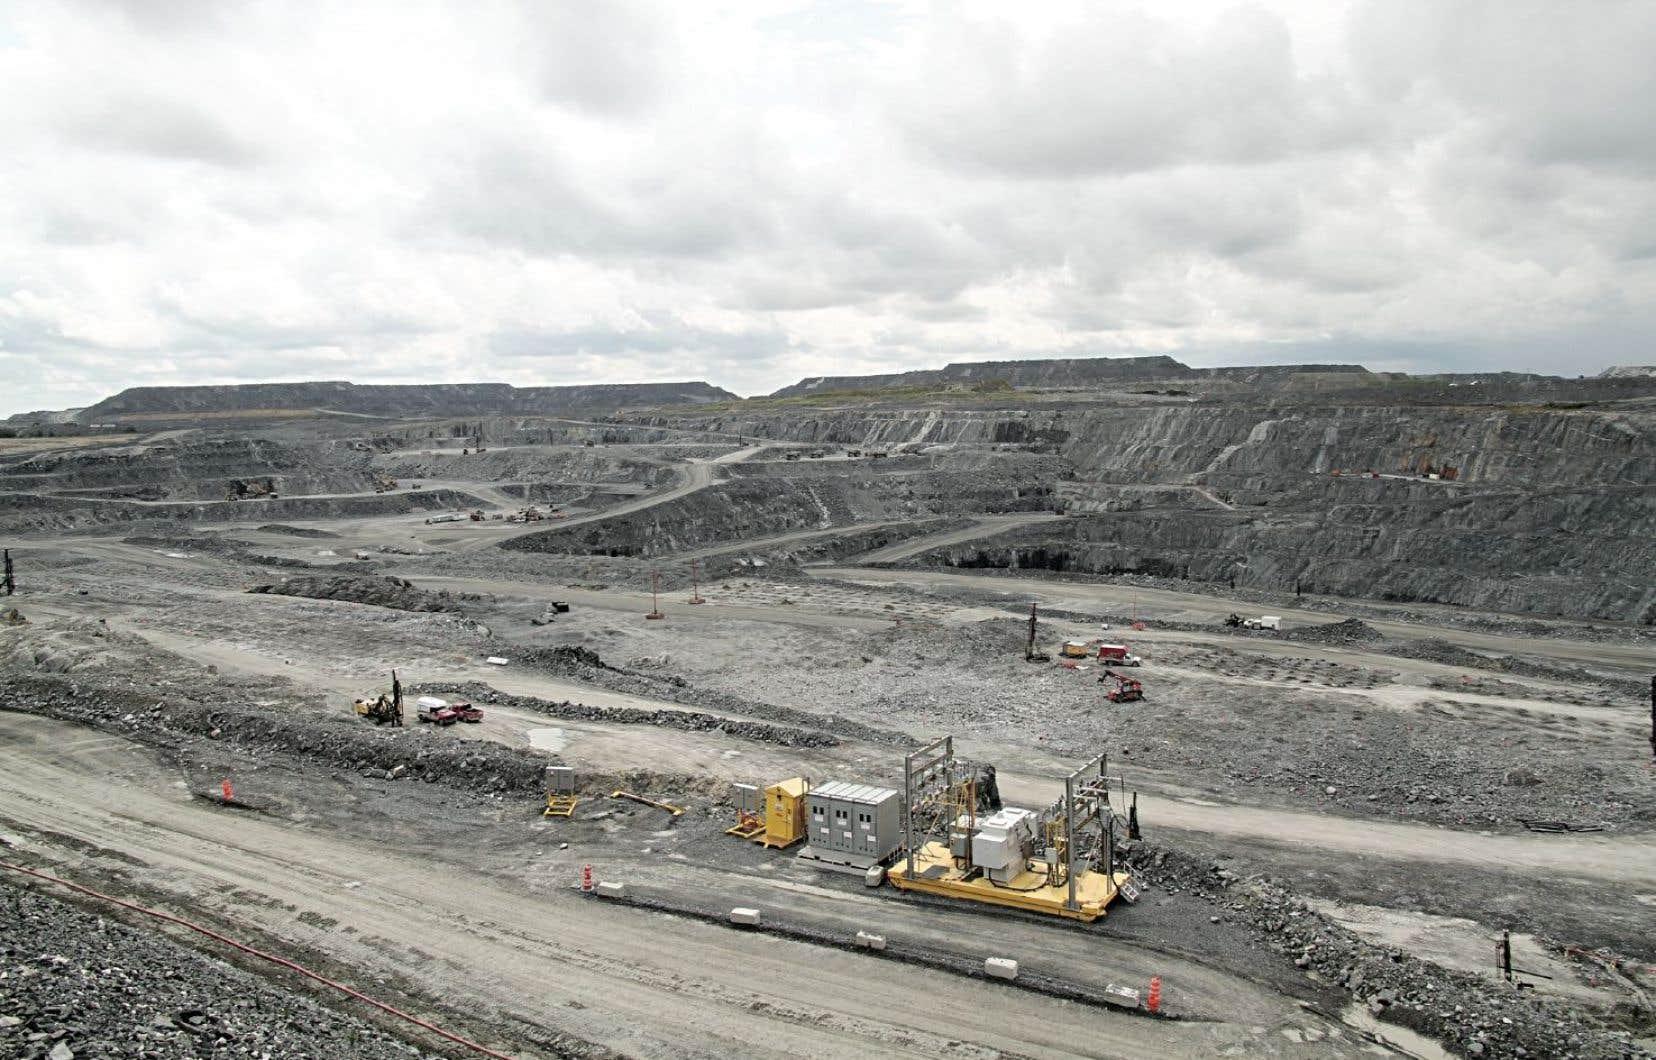 Avec le projet d'expansion, la minière devrait avoir produit plus de 7,5millions d'onces d'or au total d'ici la fin de l'exploitation du gisement.